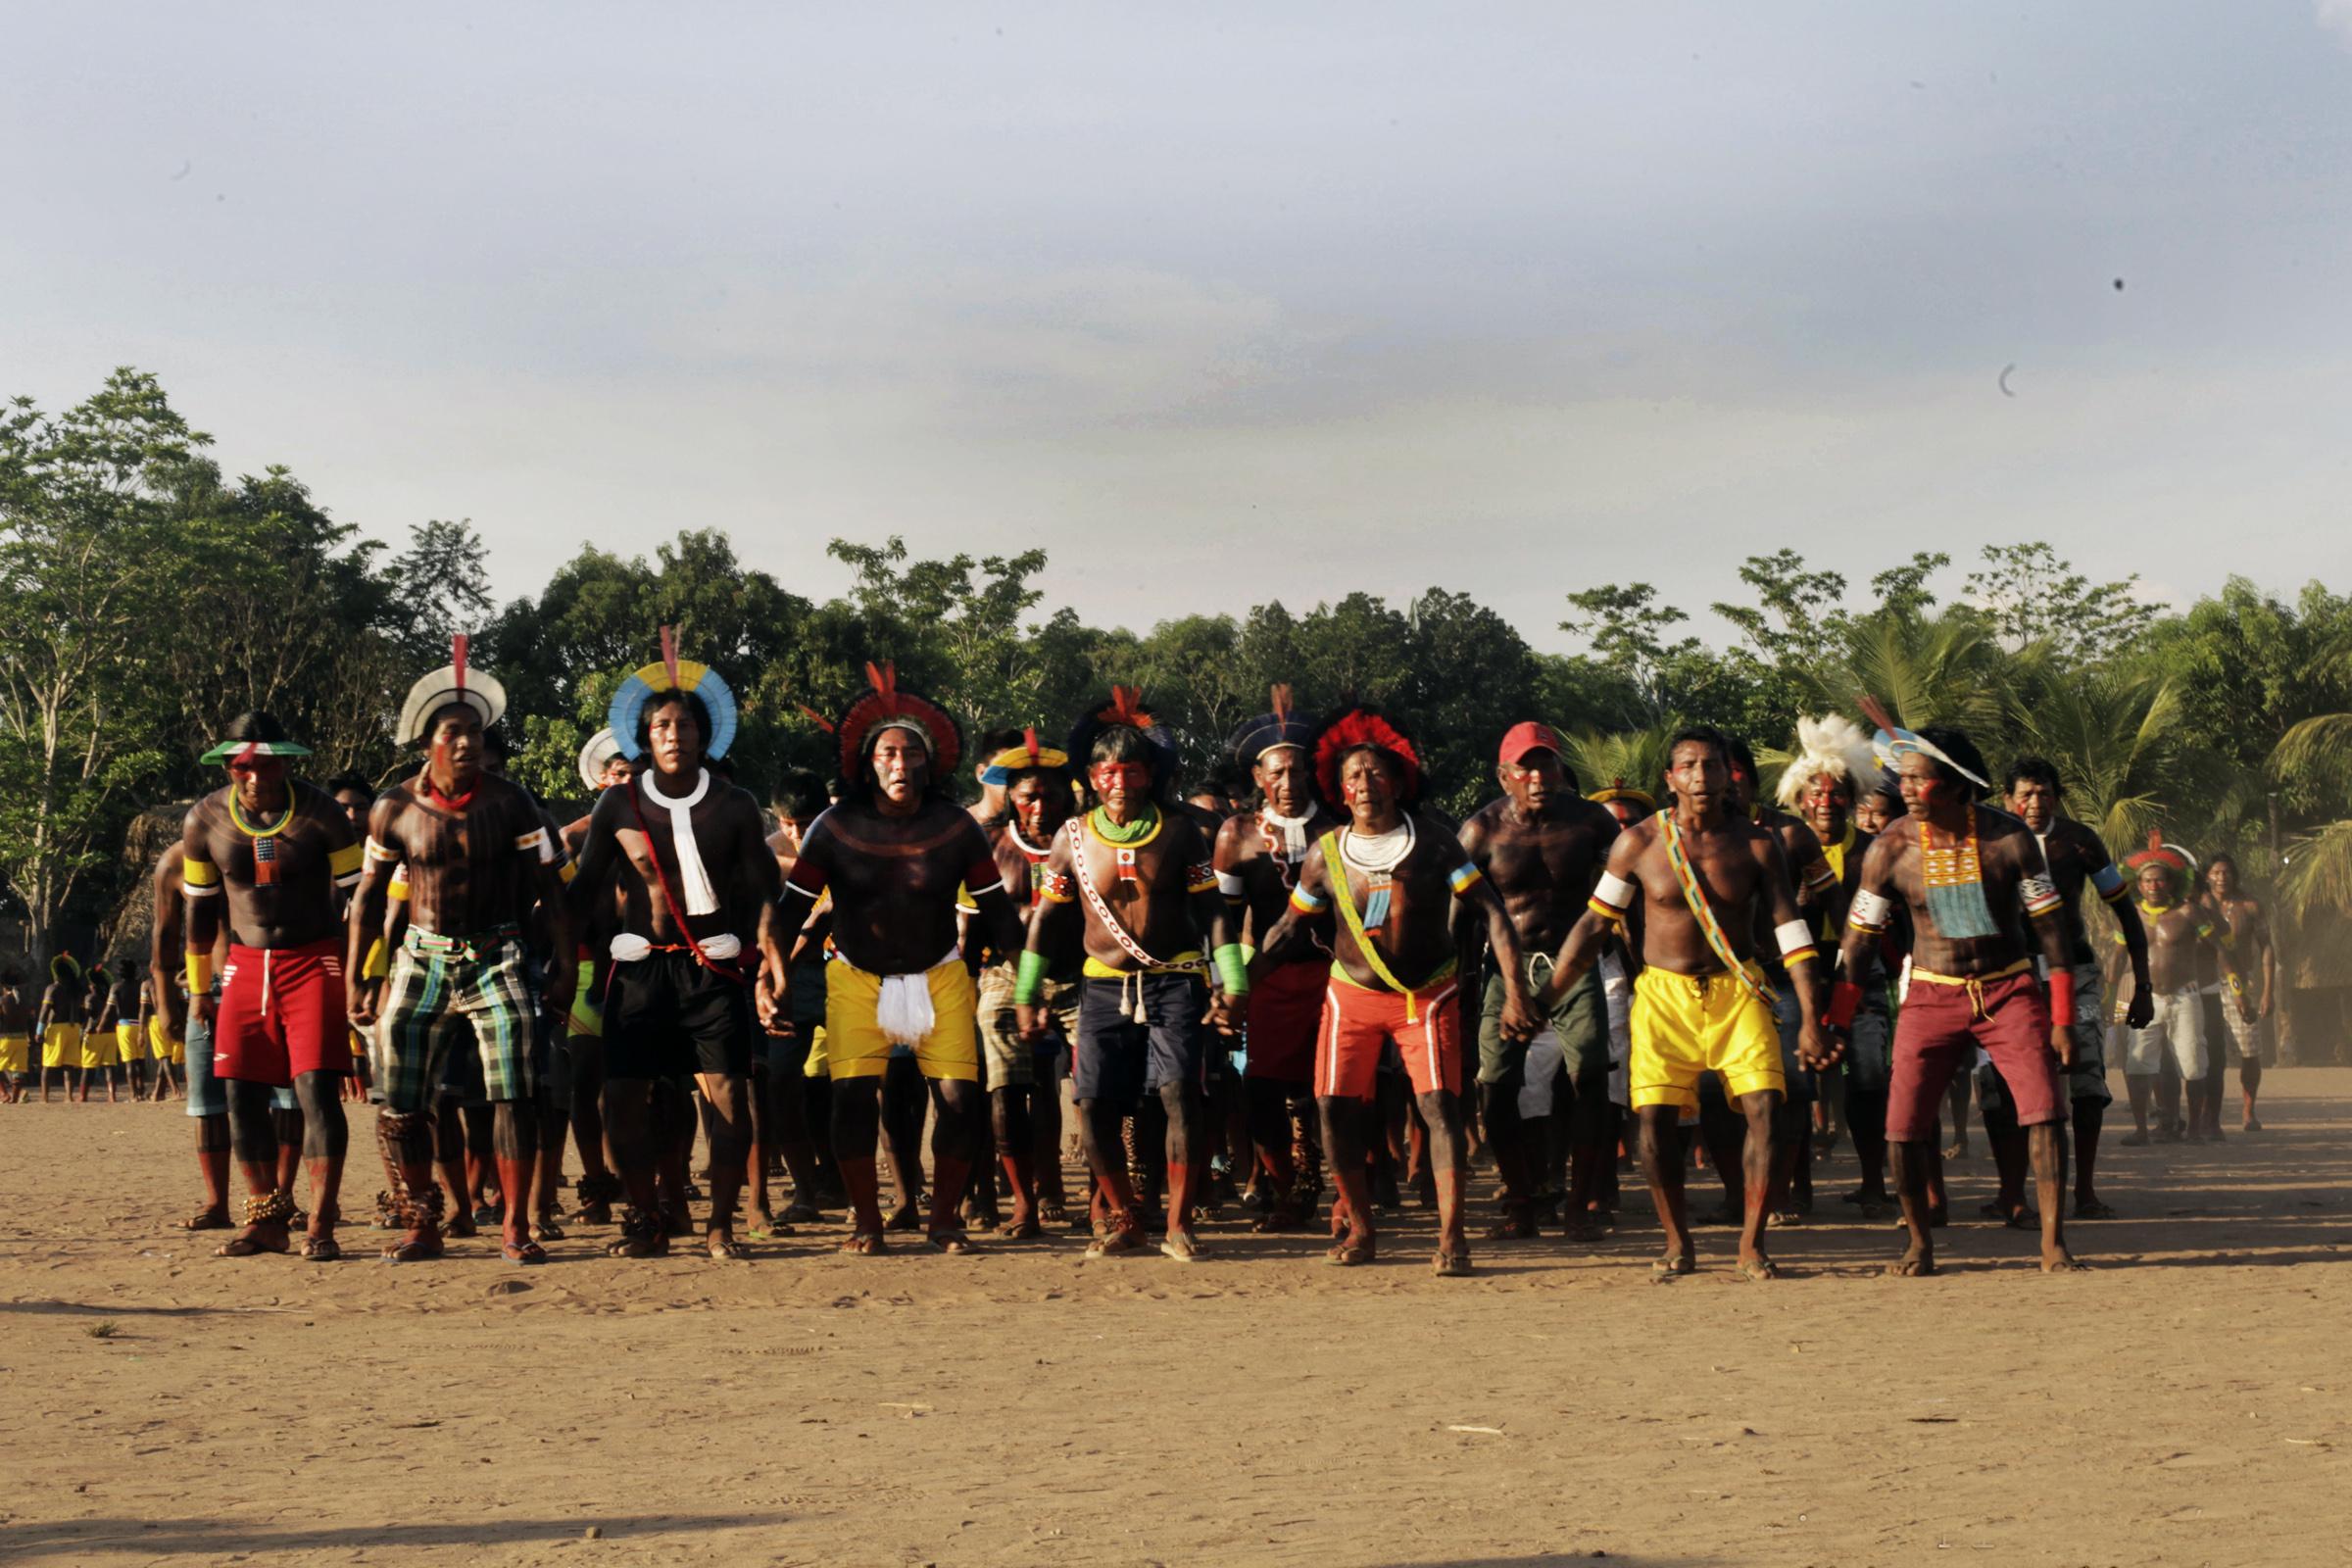 No encerramento de feira na TI Kayapó, indígenas divulgam manifesto contra ameaças